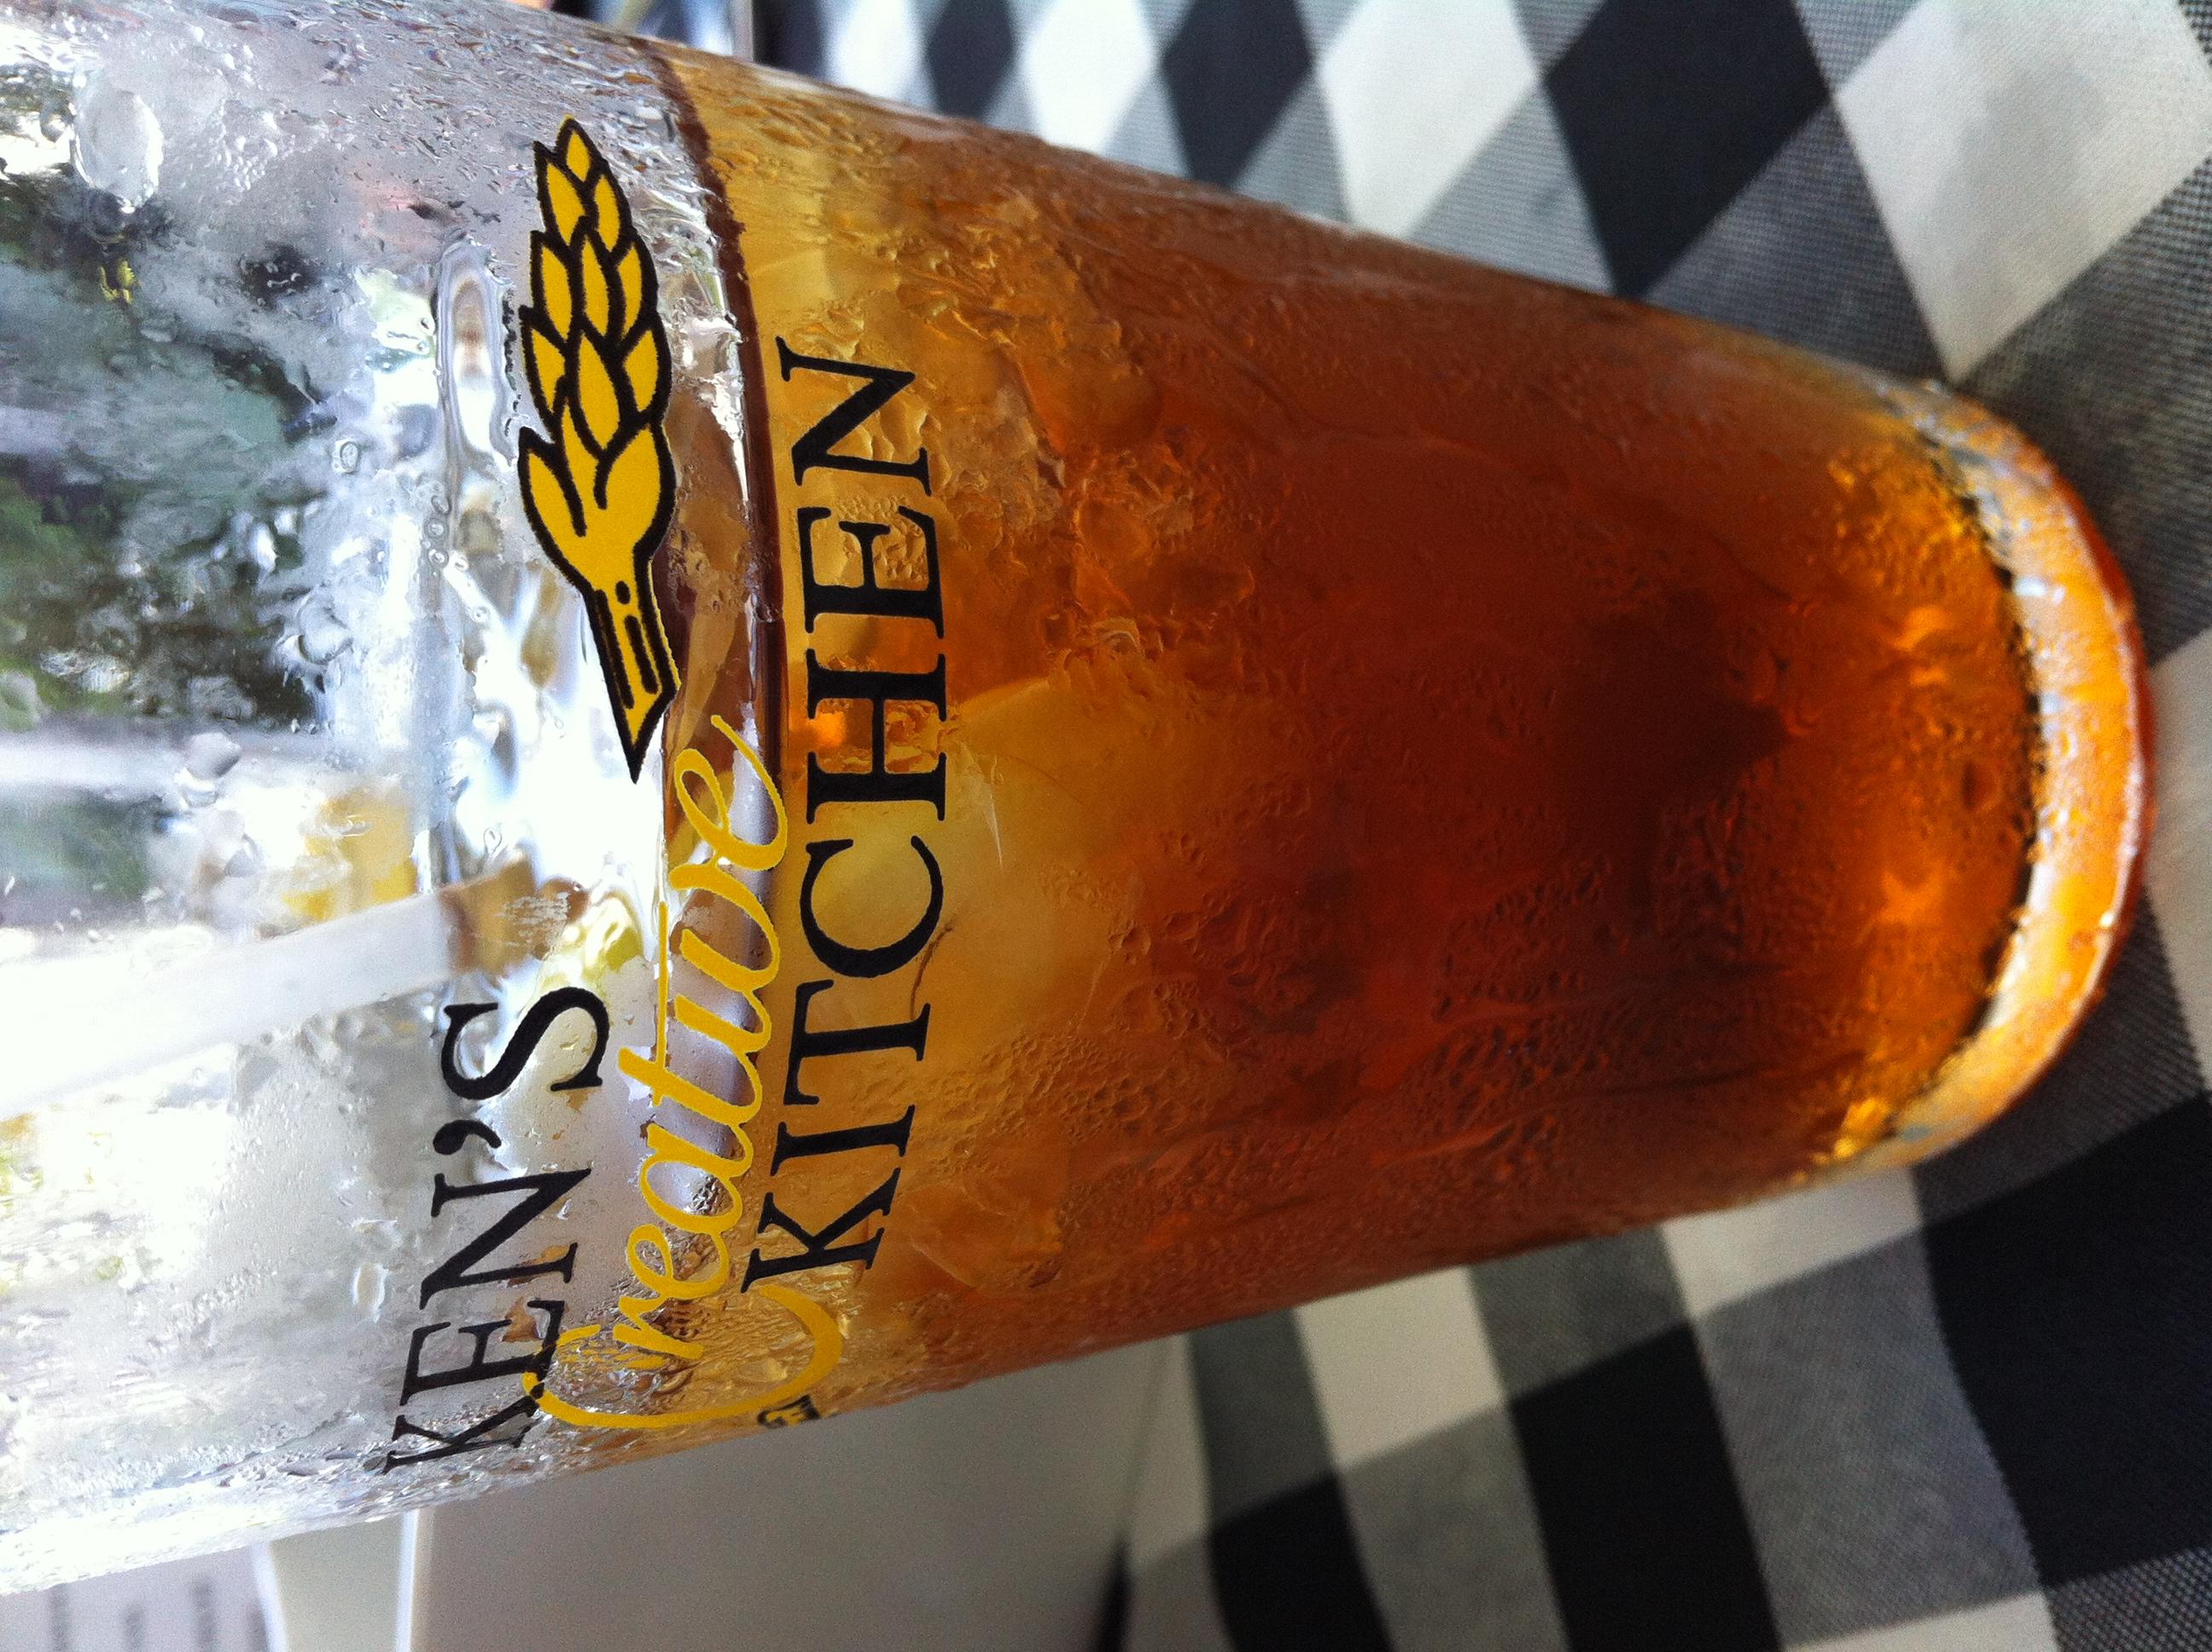 Ken S Creative Kitchen Back Porch